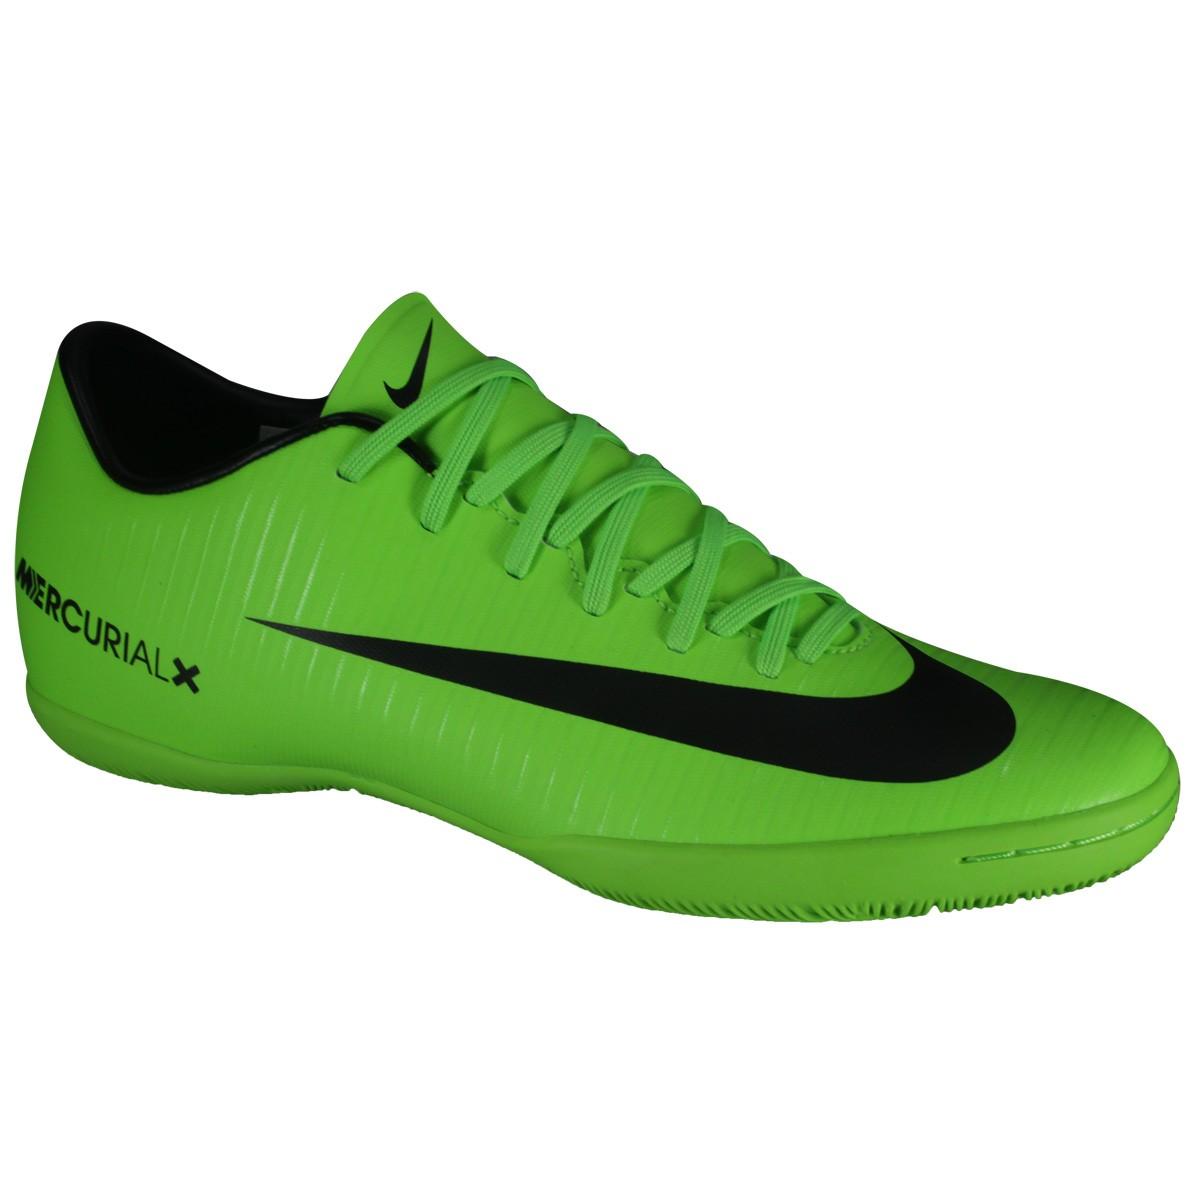 48414fef03 Indoor Nike Mercurial Victory VI IC 831966-303 - Verde Preto - Botas ...